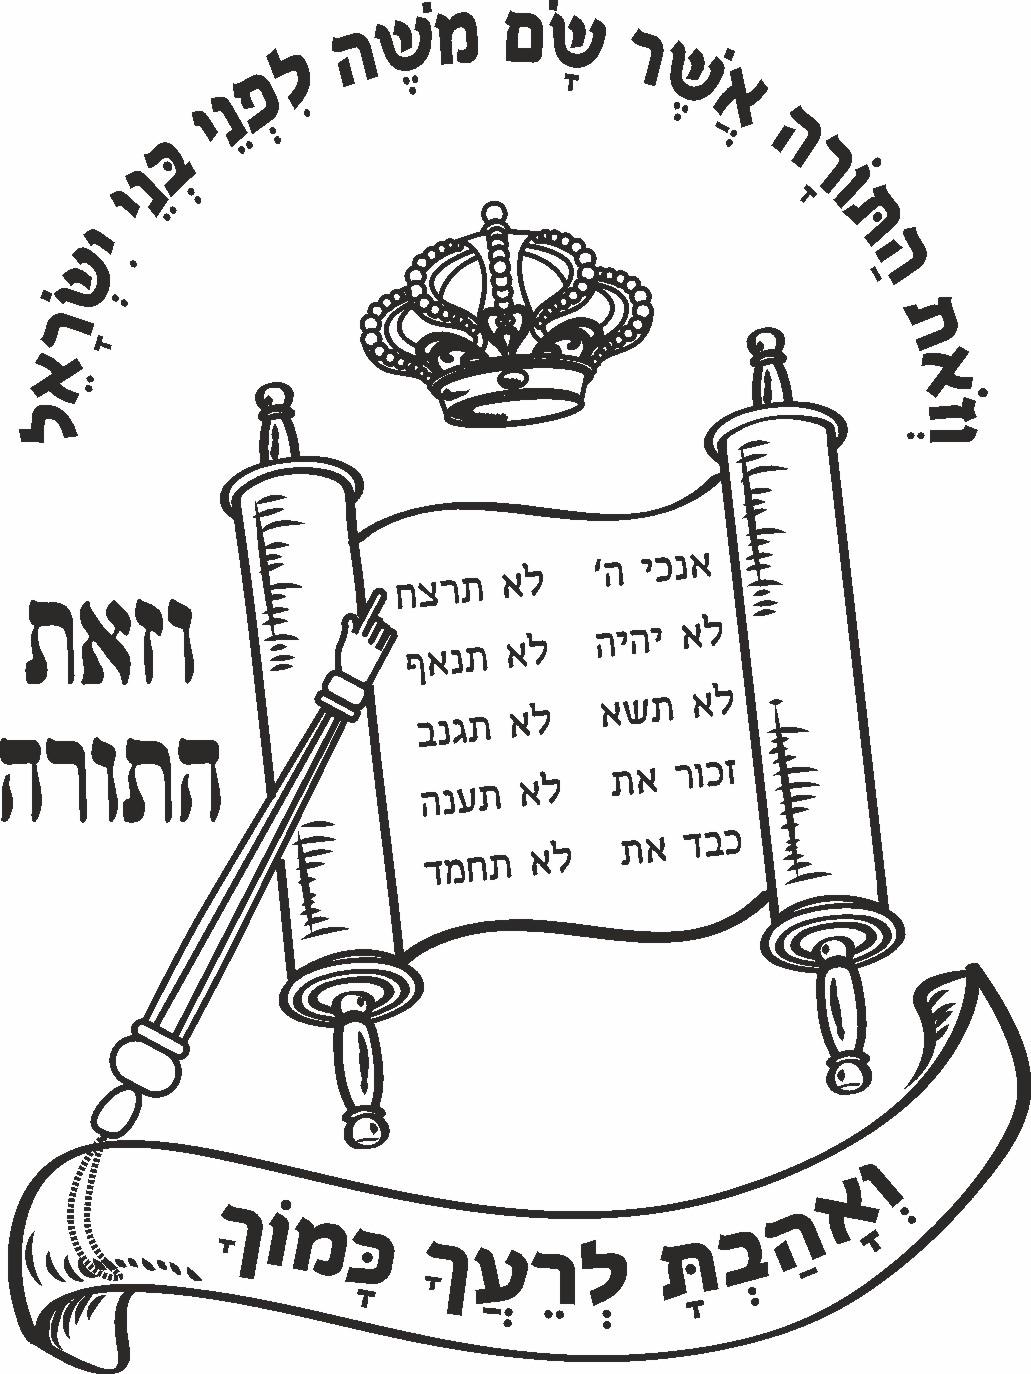 עטיפות לחומש בראשית הדפס אחיד  וזאת התורה